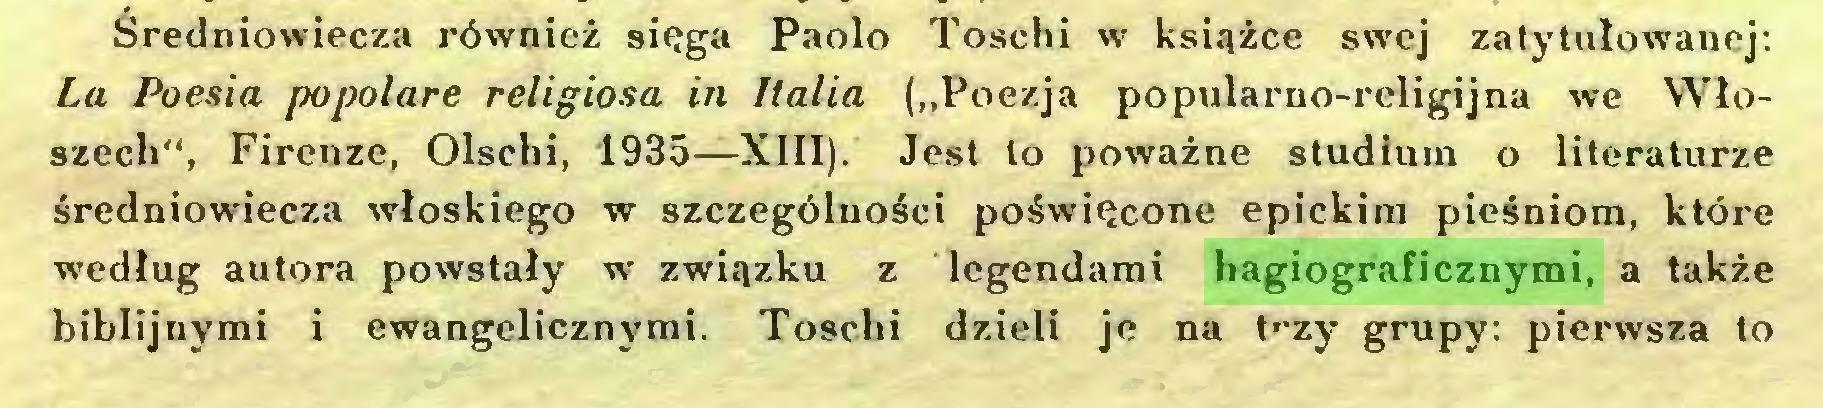 """(...) Średniowiecza również sięga Paolo Toschi w książce swej zatytułowanej: La Poesía popolare religiosa in Italia (""""Poezja popularno-religijna we Włoszech"""", Firenze, Olschi, 1935—XIII). Jest to poważne studium o literaturze średniowiecza włoskiego w szczególności poświęcone epickim pieśniom, które według autora powstały w związku z legendami hagiograficznymi, a także biblijnymi i ewangelicznymi. Toschi dzieli je na t'*zy grupy: pierwsza to..."""